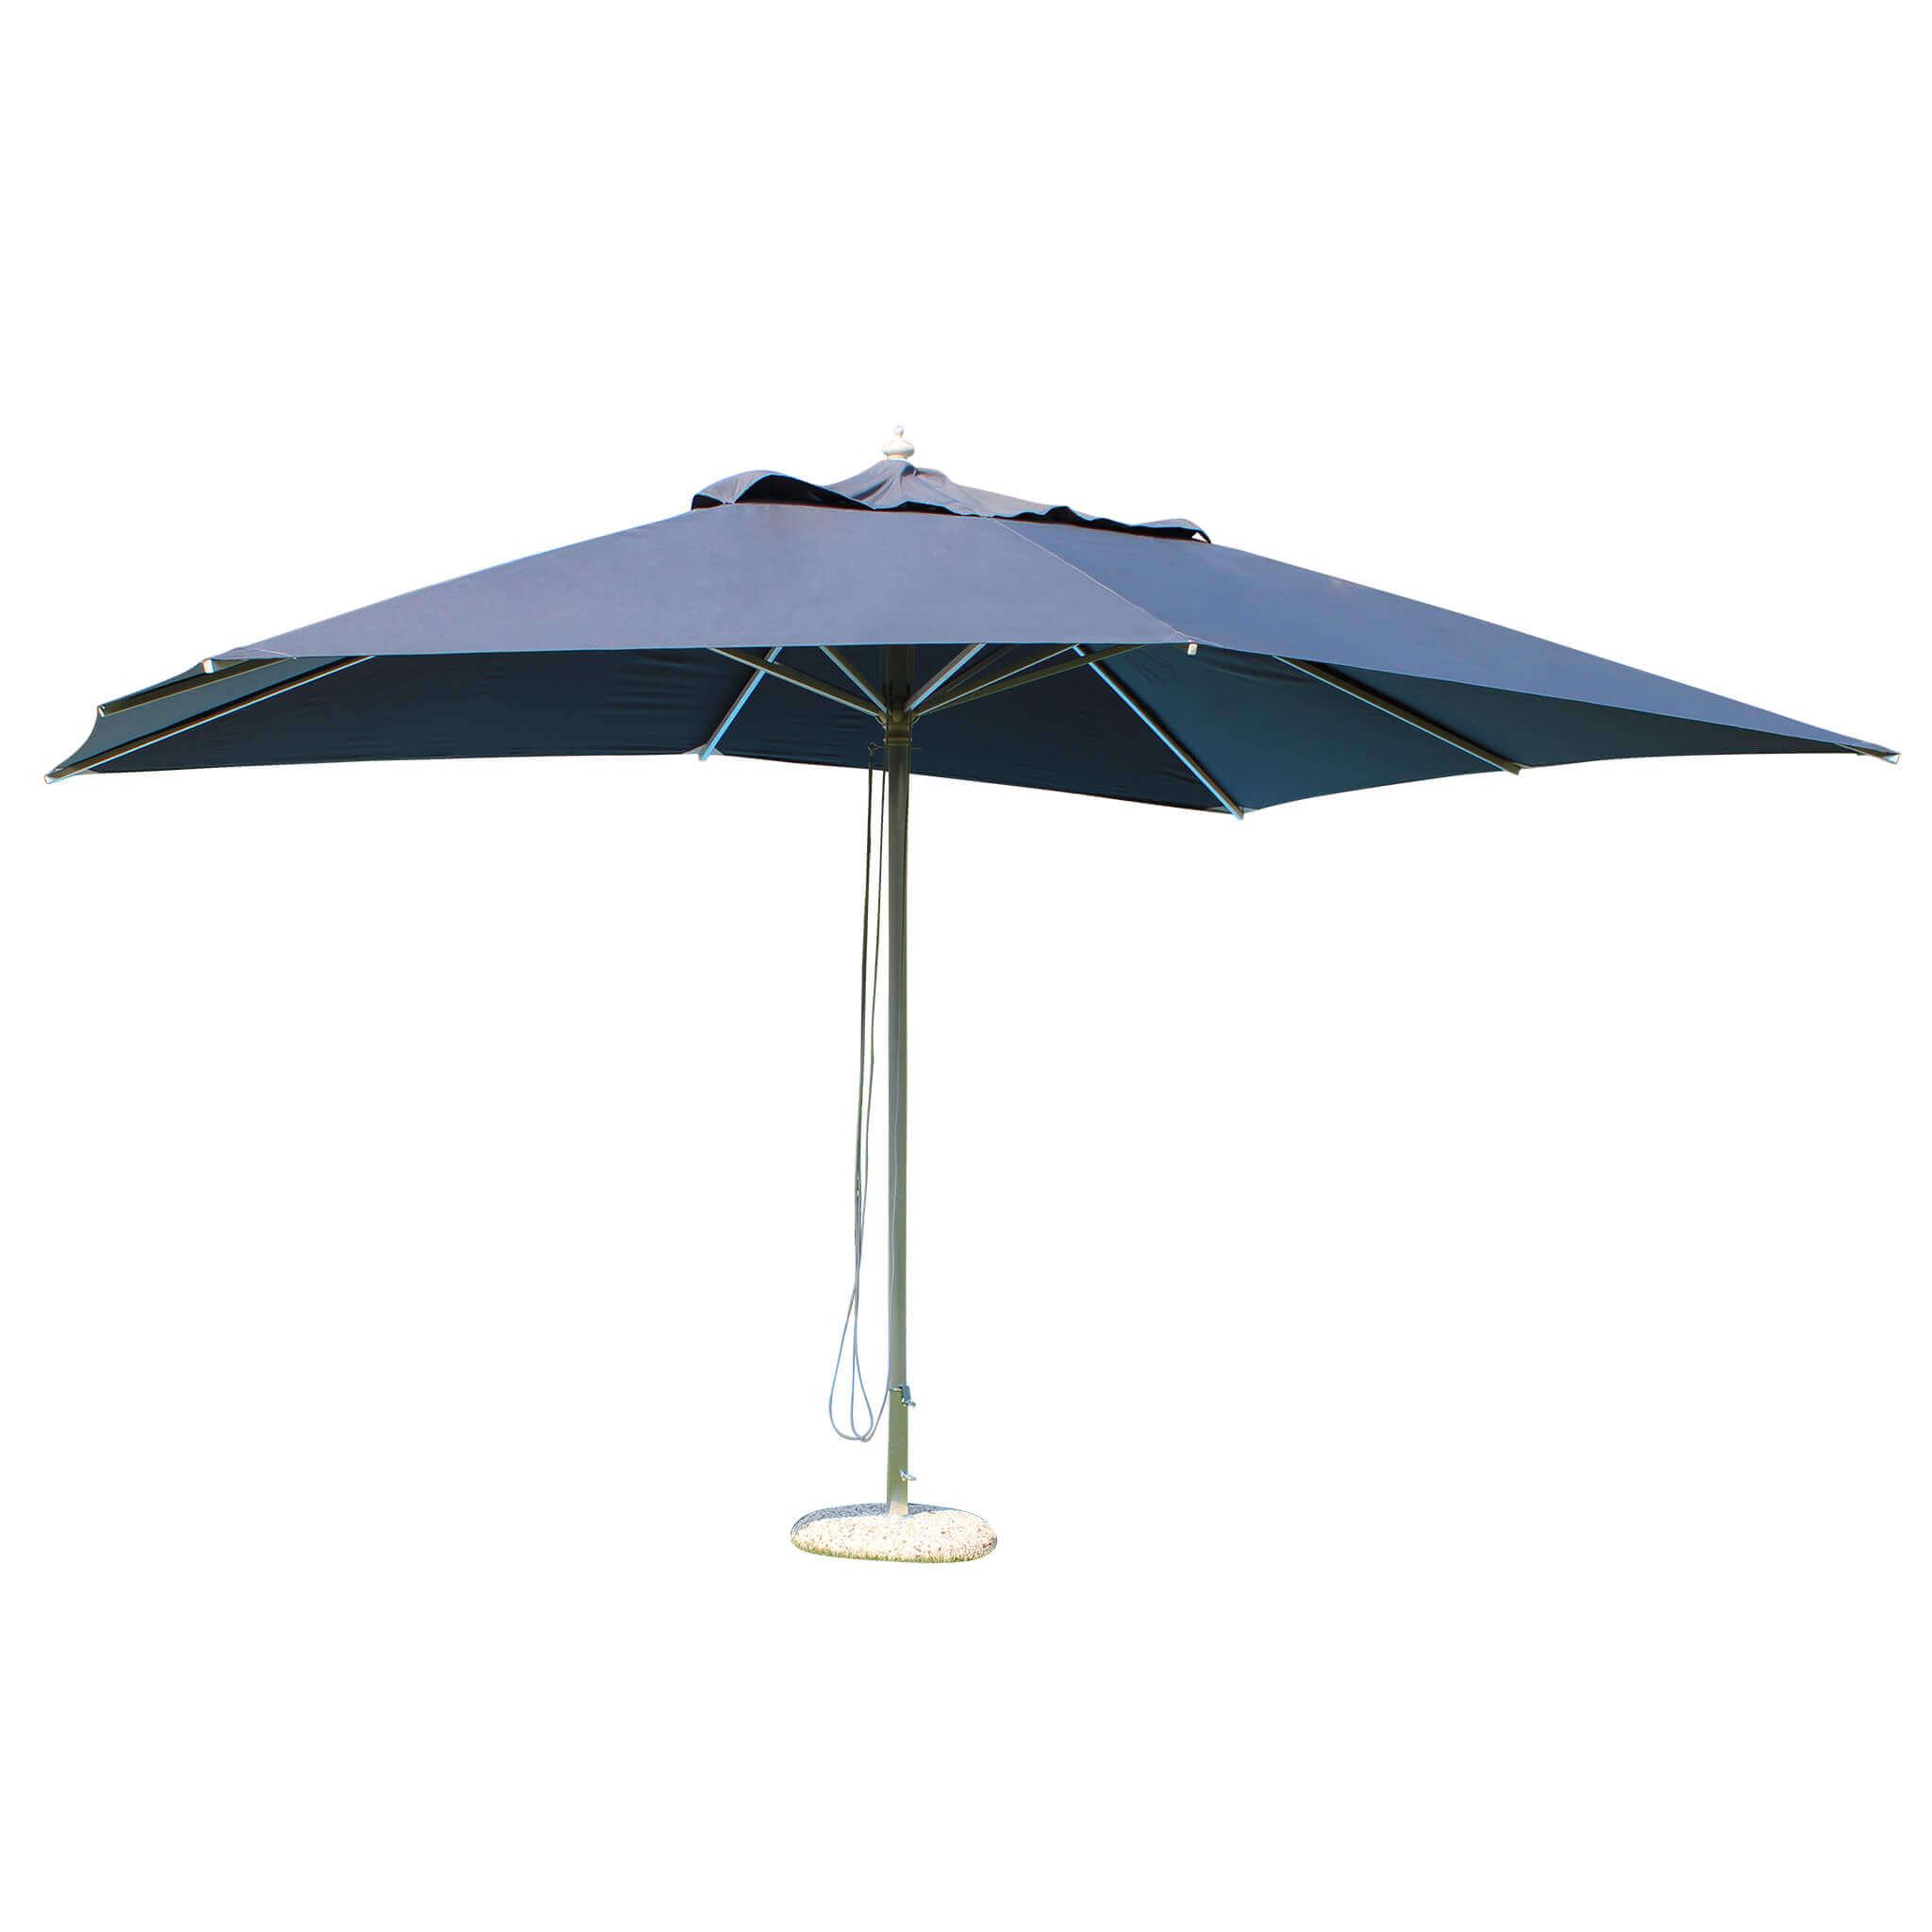 Milani Home ACIS - ombrellone da giardino 3 x 4 palo centrale in alluminio